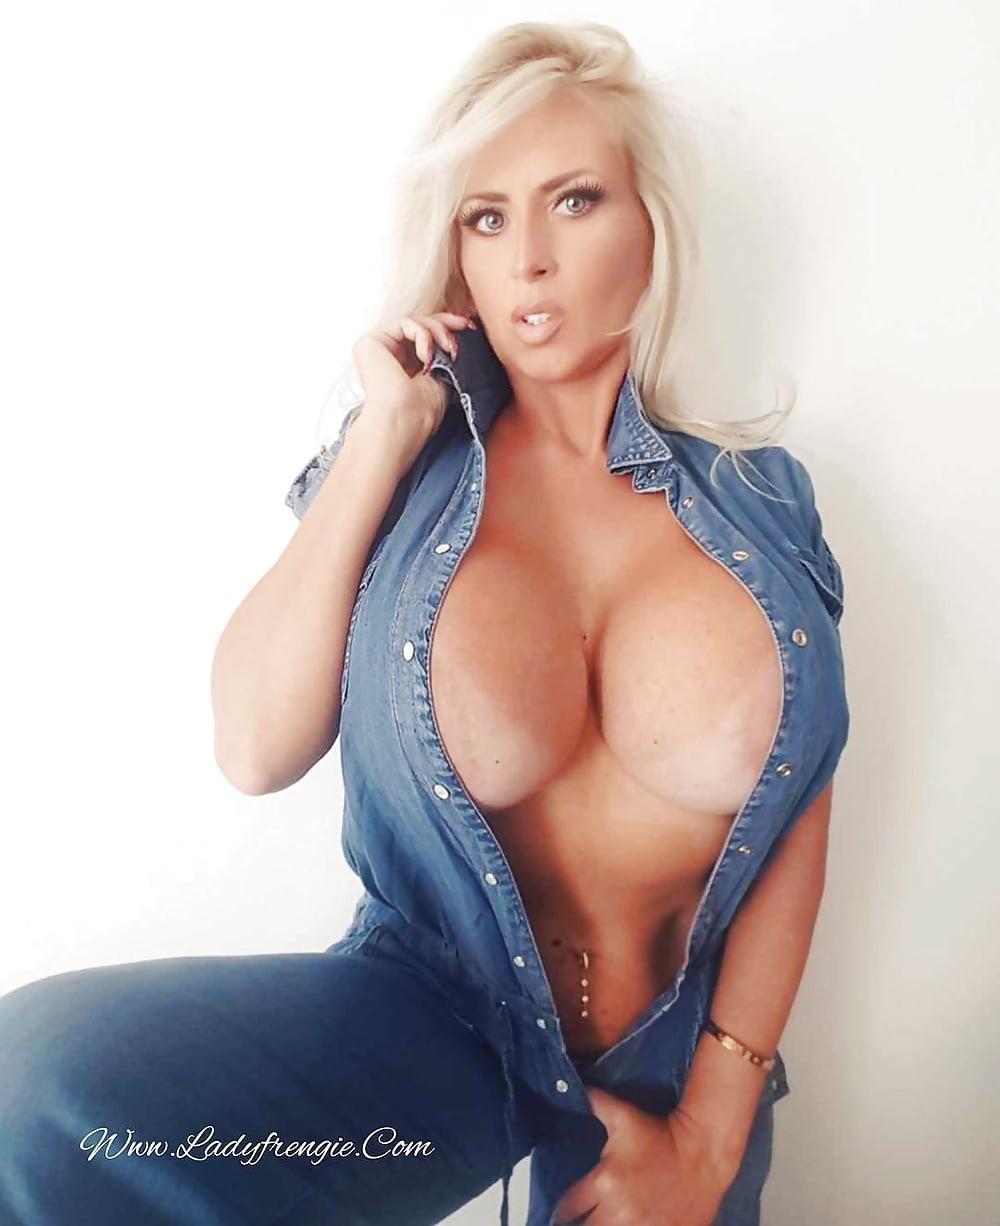 Tight shirts on fake tits